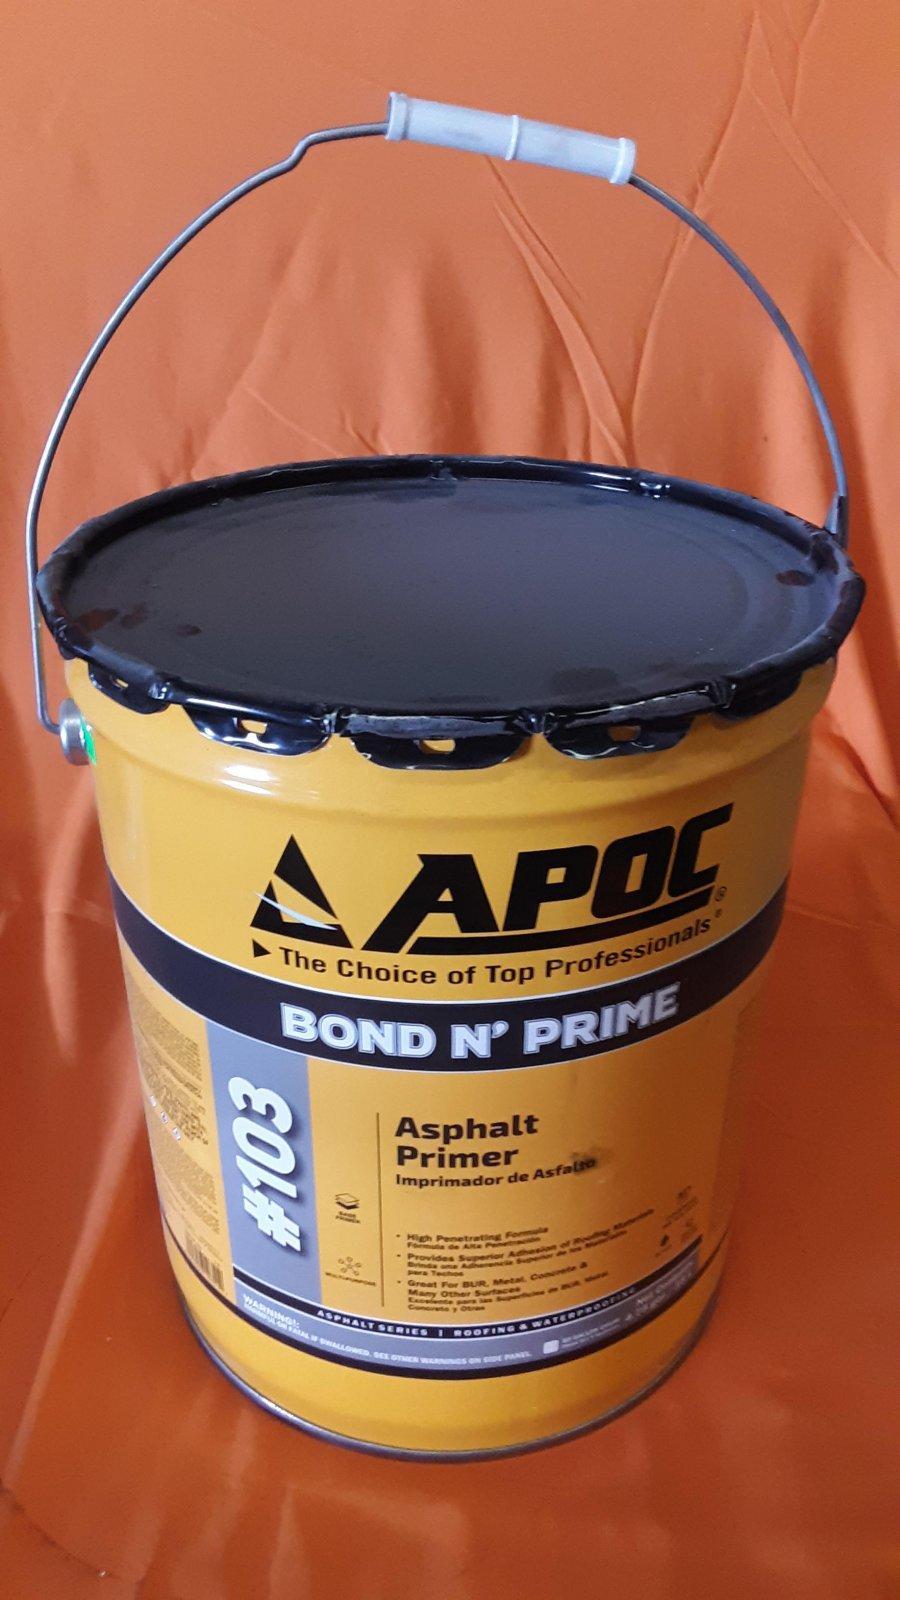 Asphalt Primer - 5 Gallon Bucket